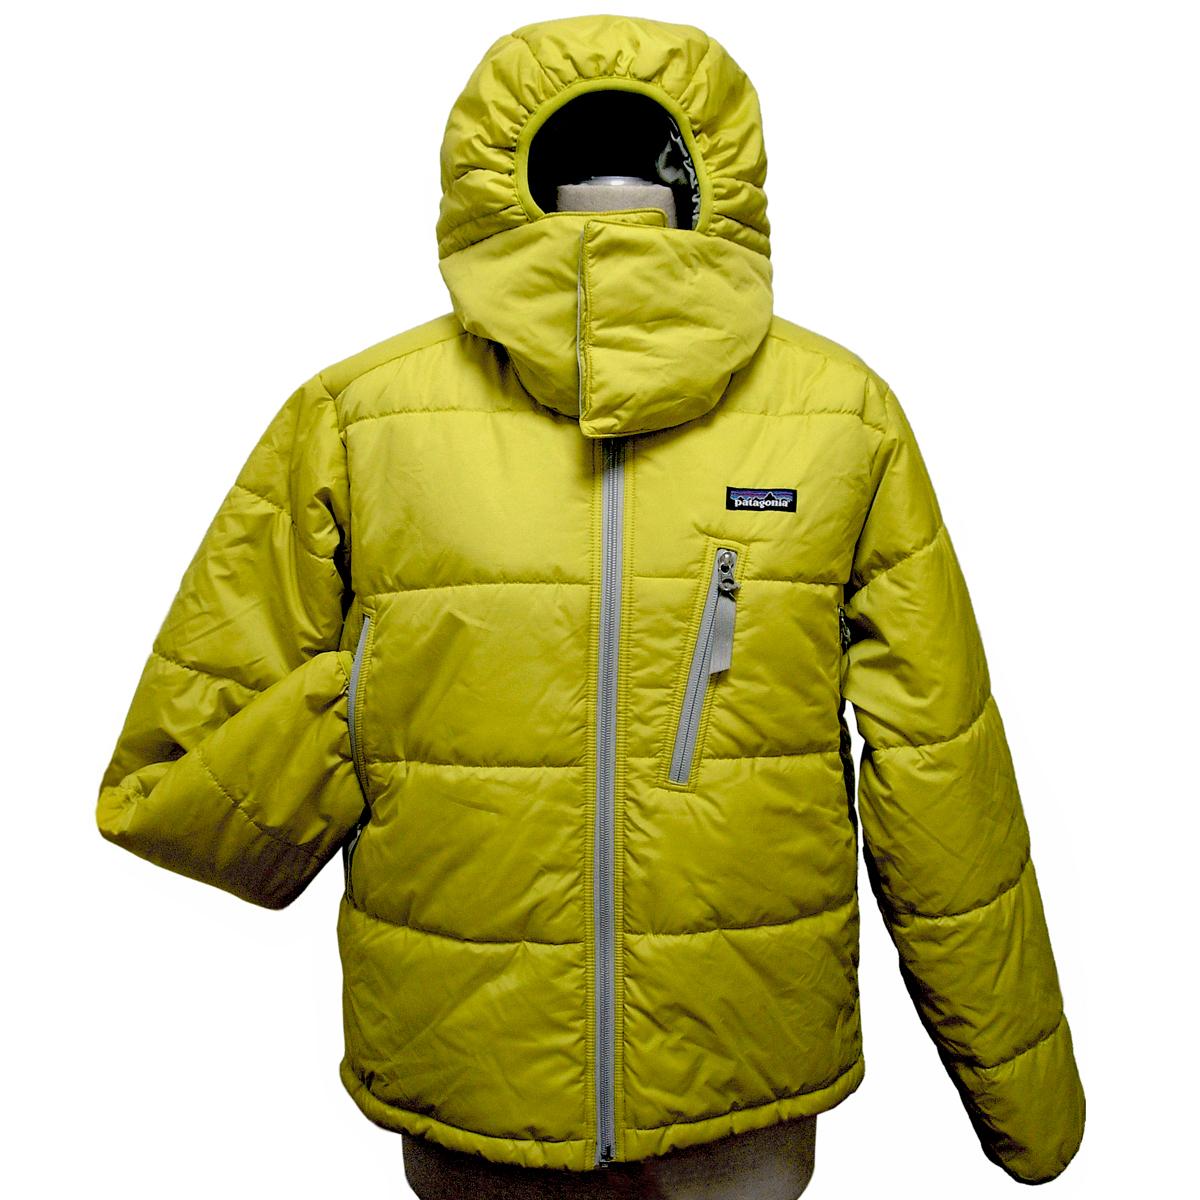 廃盤 希少 新品 未使用 2001年 Patagonia パフジャケット パタゴニア M グリーン ビンテージ / ファイヤーボール ダスパーカ パフボール_画像1